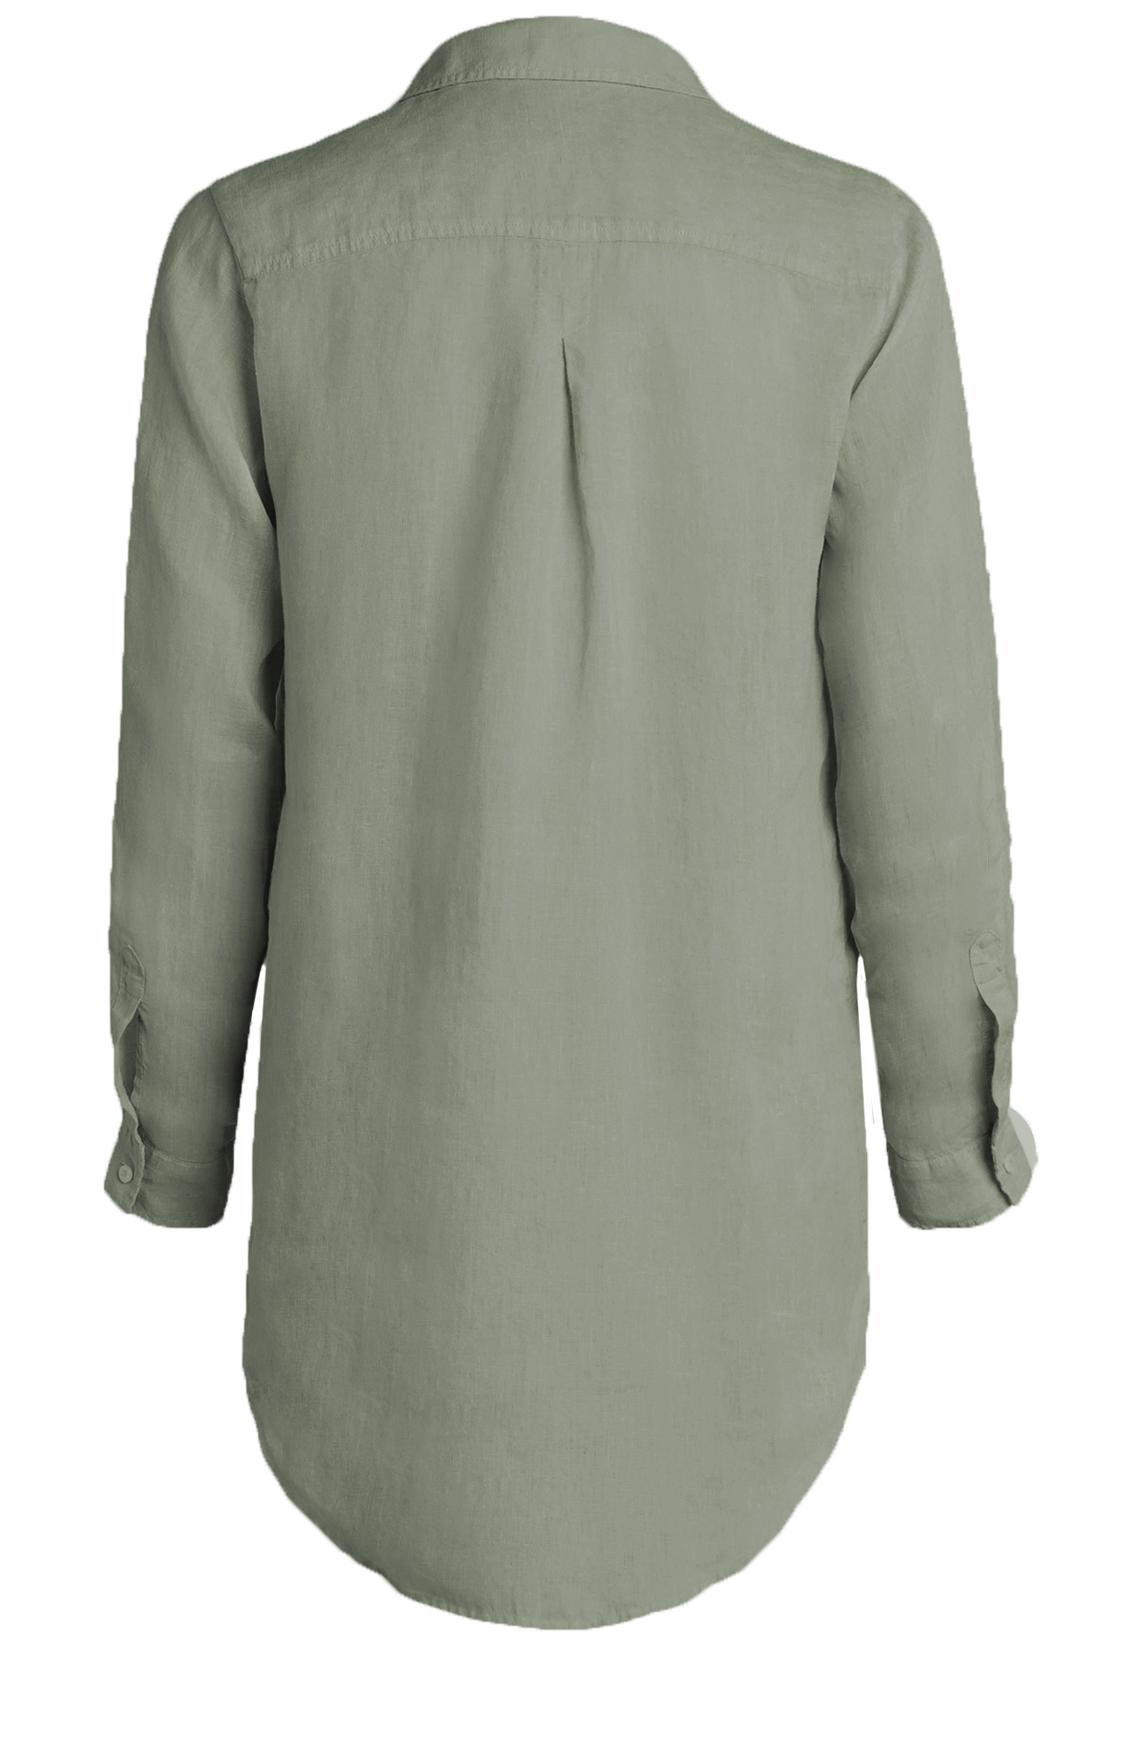 Moscow Dames Linen blouse groen